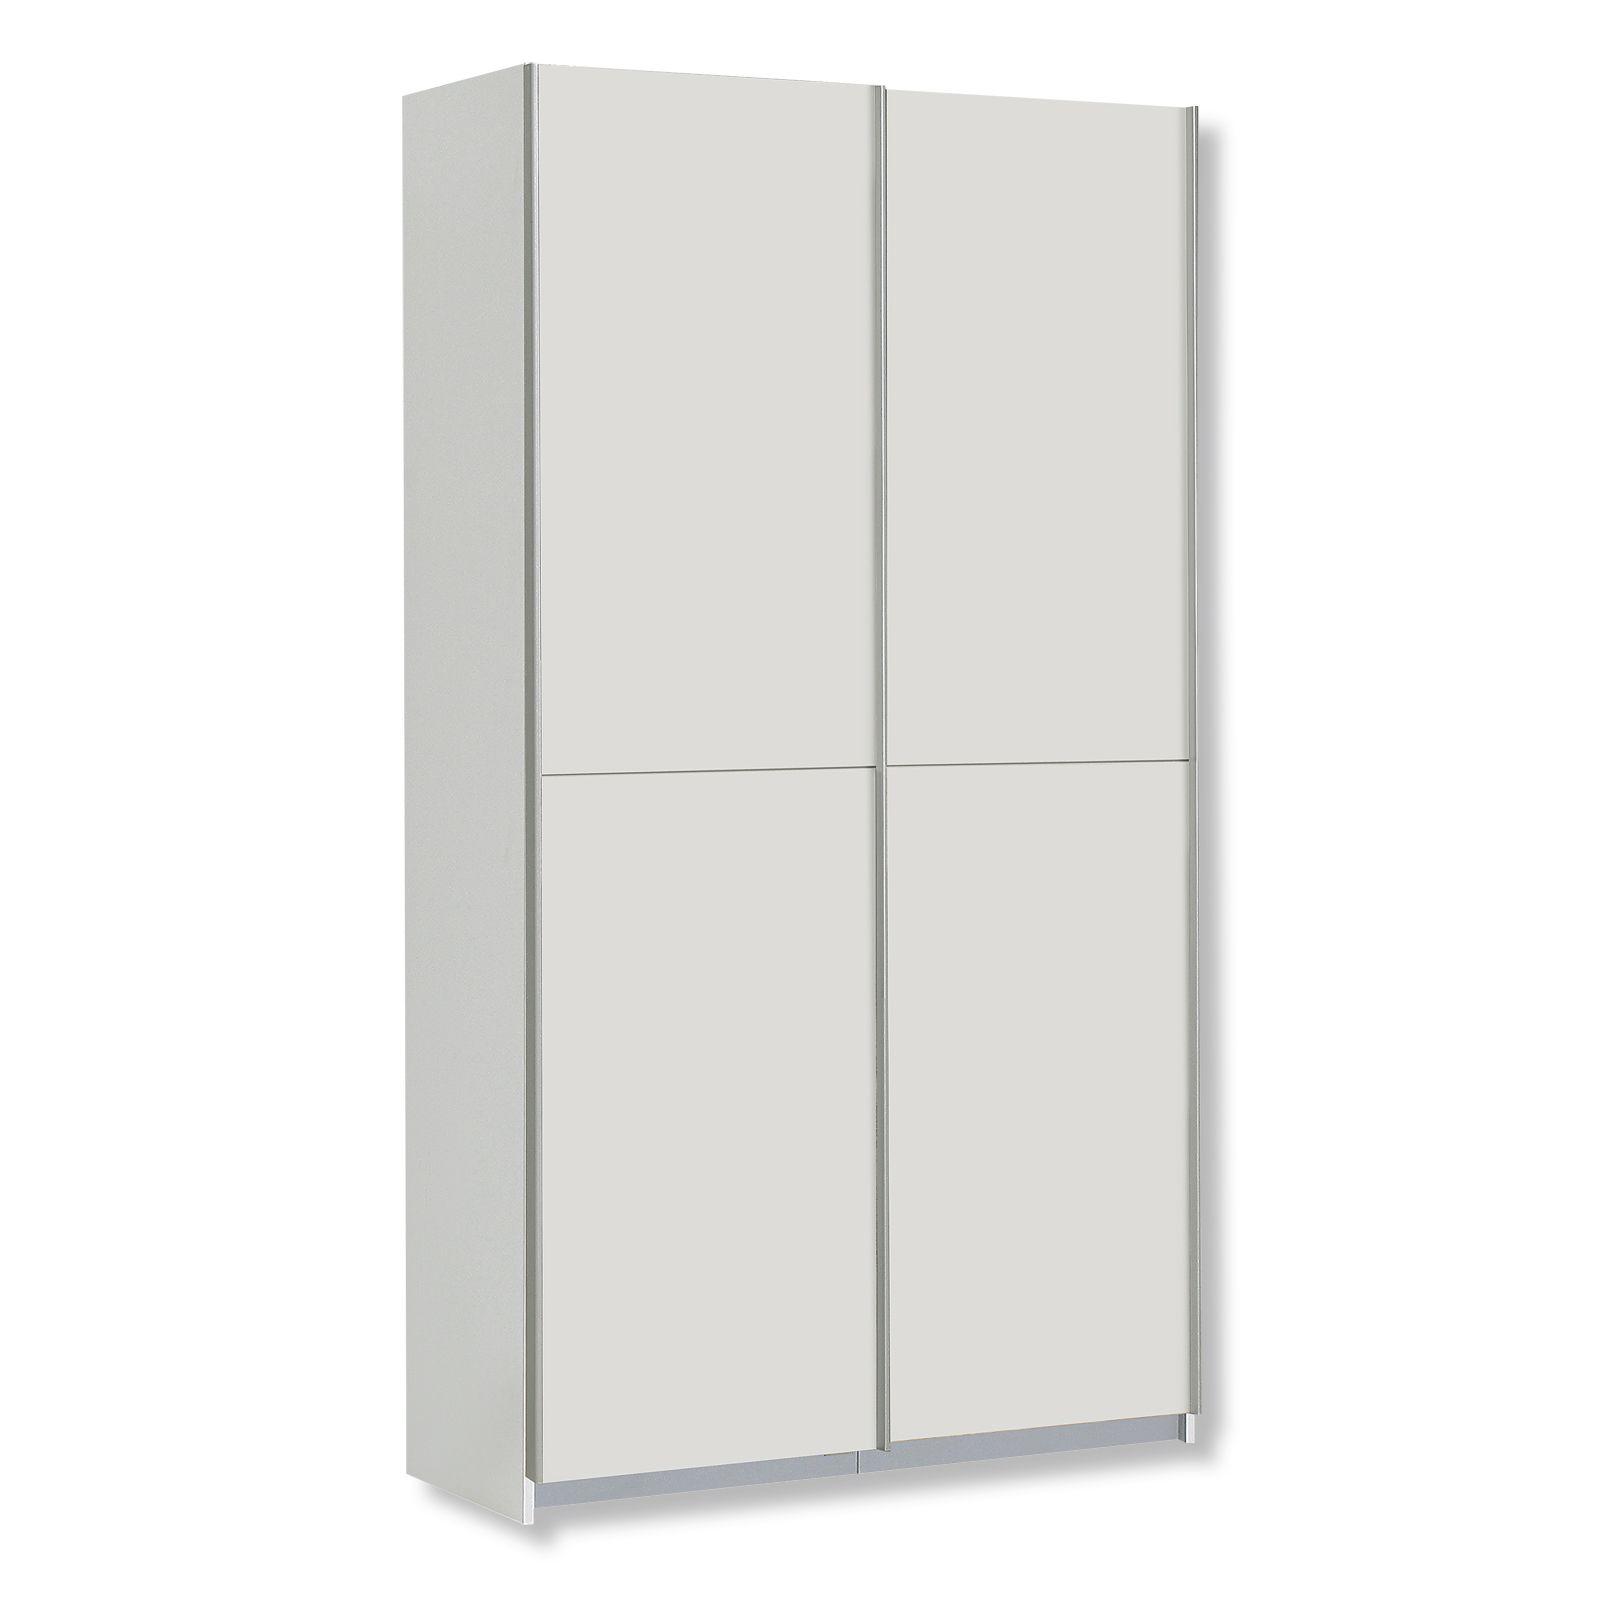 Roller Mehrzweckschrank Ohio Mobel Wohnen Online Shop Tall Cabinet Storage Storage Cabinet Tall Storage